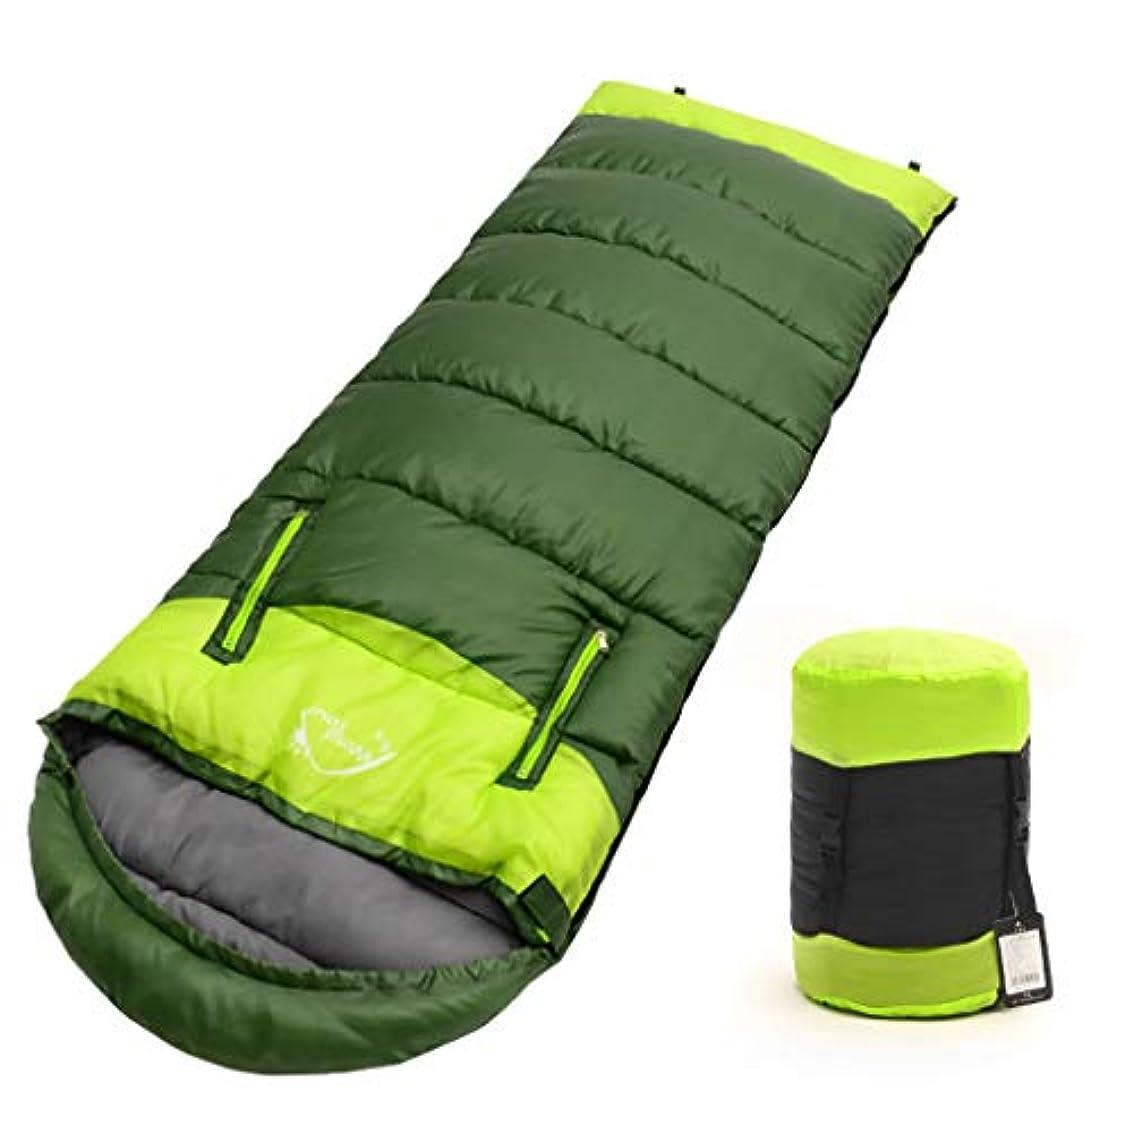 スパイ影響力のあるペフLohastour キャンプ寝袋 圧縮袋付き - 軽量、ポータブル、防水、大人&子供用 - ハイキング、キャンプ、アウトドアに